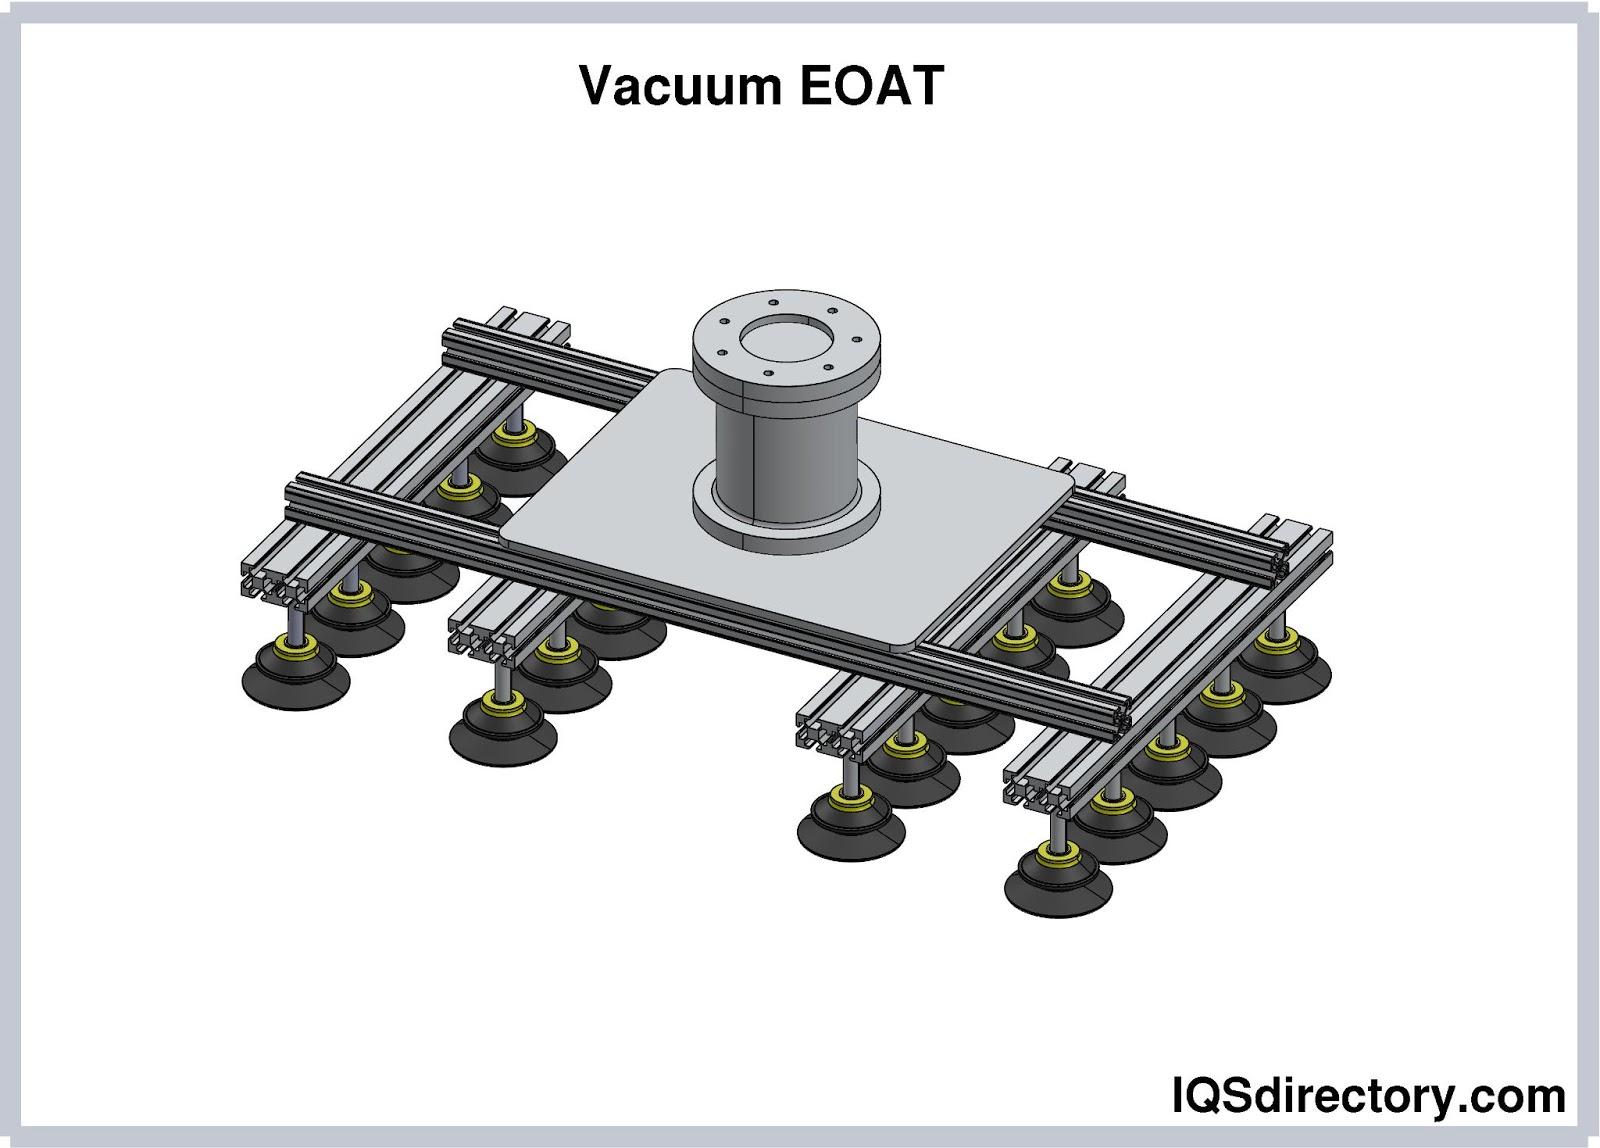 Vacuum EOAT